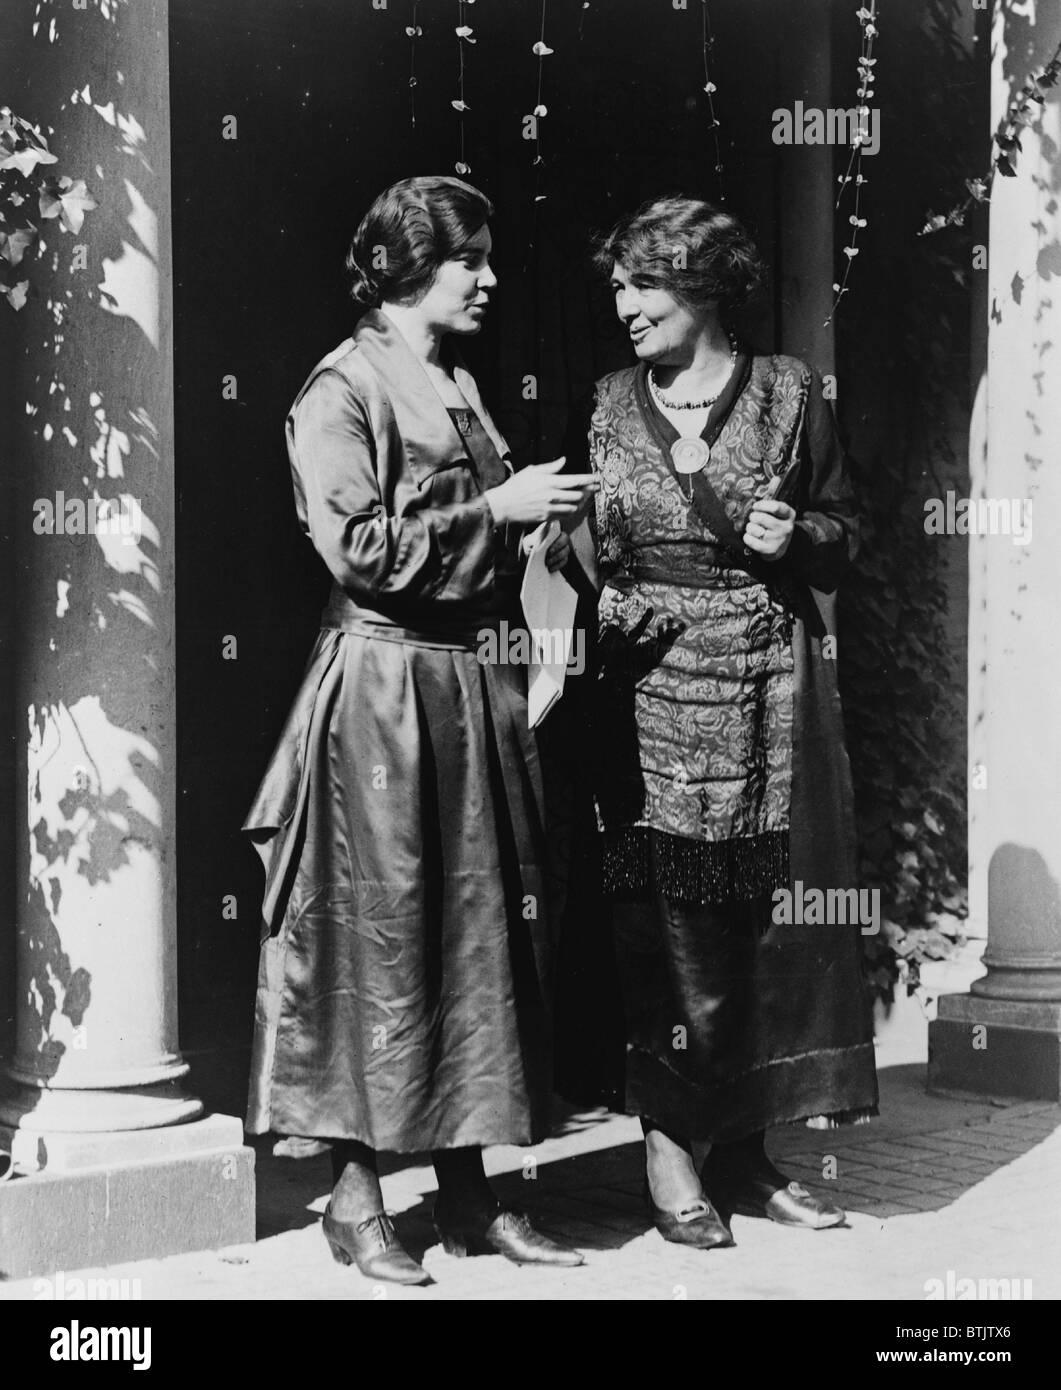 Alice Paul (1885-1977) et Emmeline Pethick-Lawrence (1867-1954) des militants américains et britanniques pour le suffrage des femmes et l'égalité des droits face aux Etats-Unis, ca. 1917. Banque D'Images